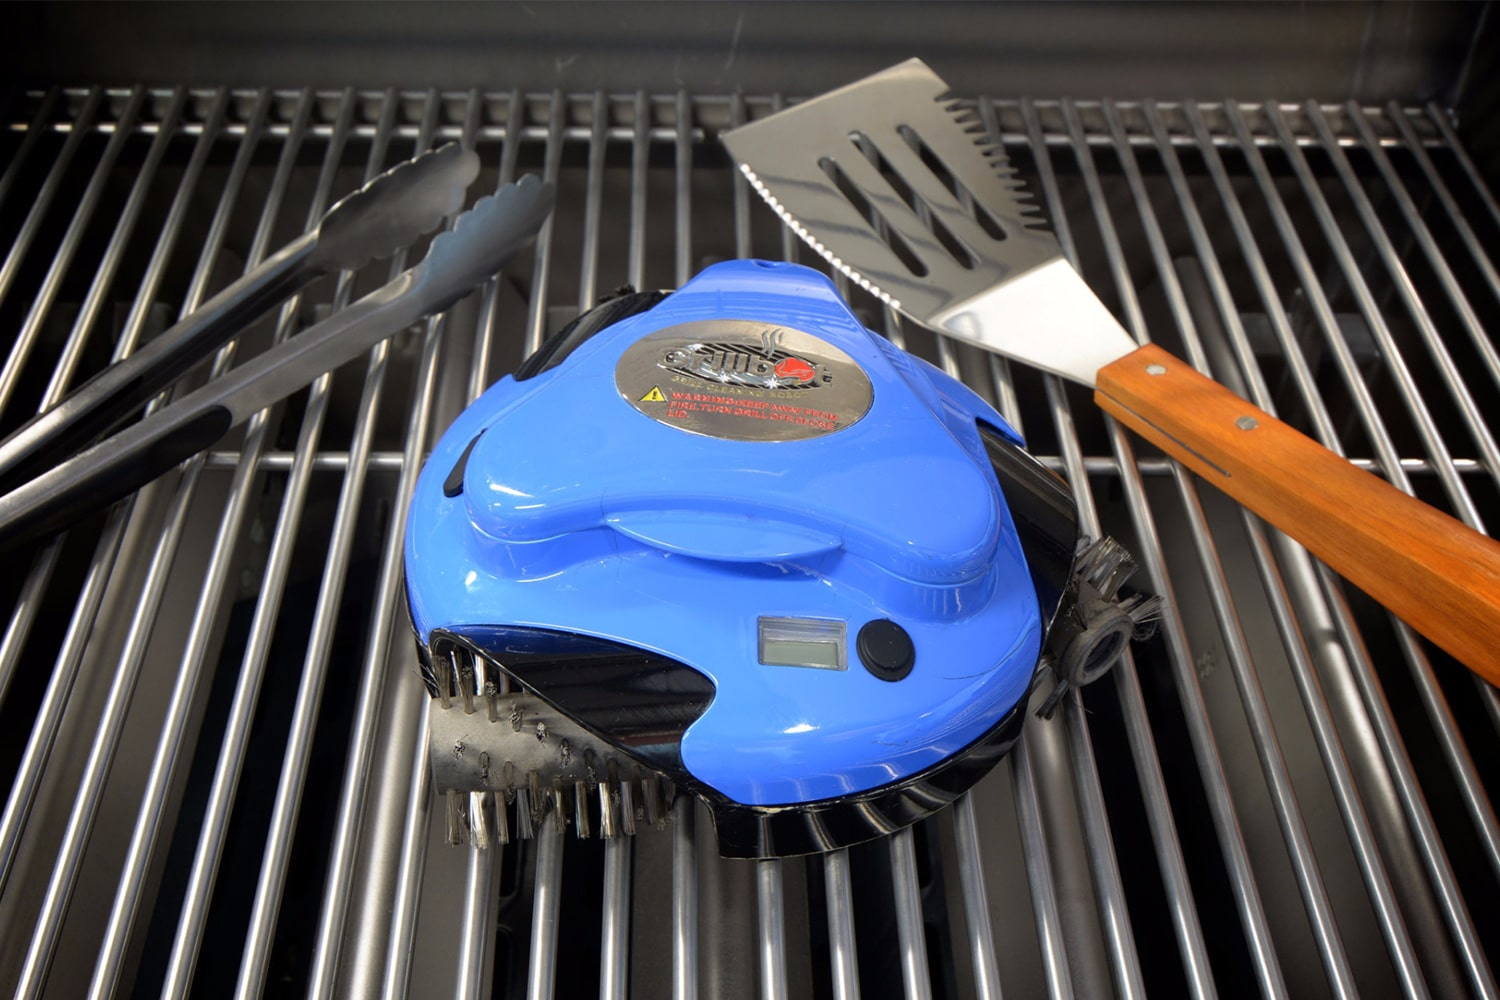 robot de barbecue